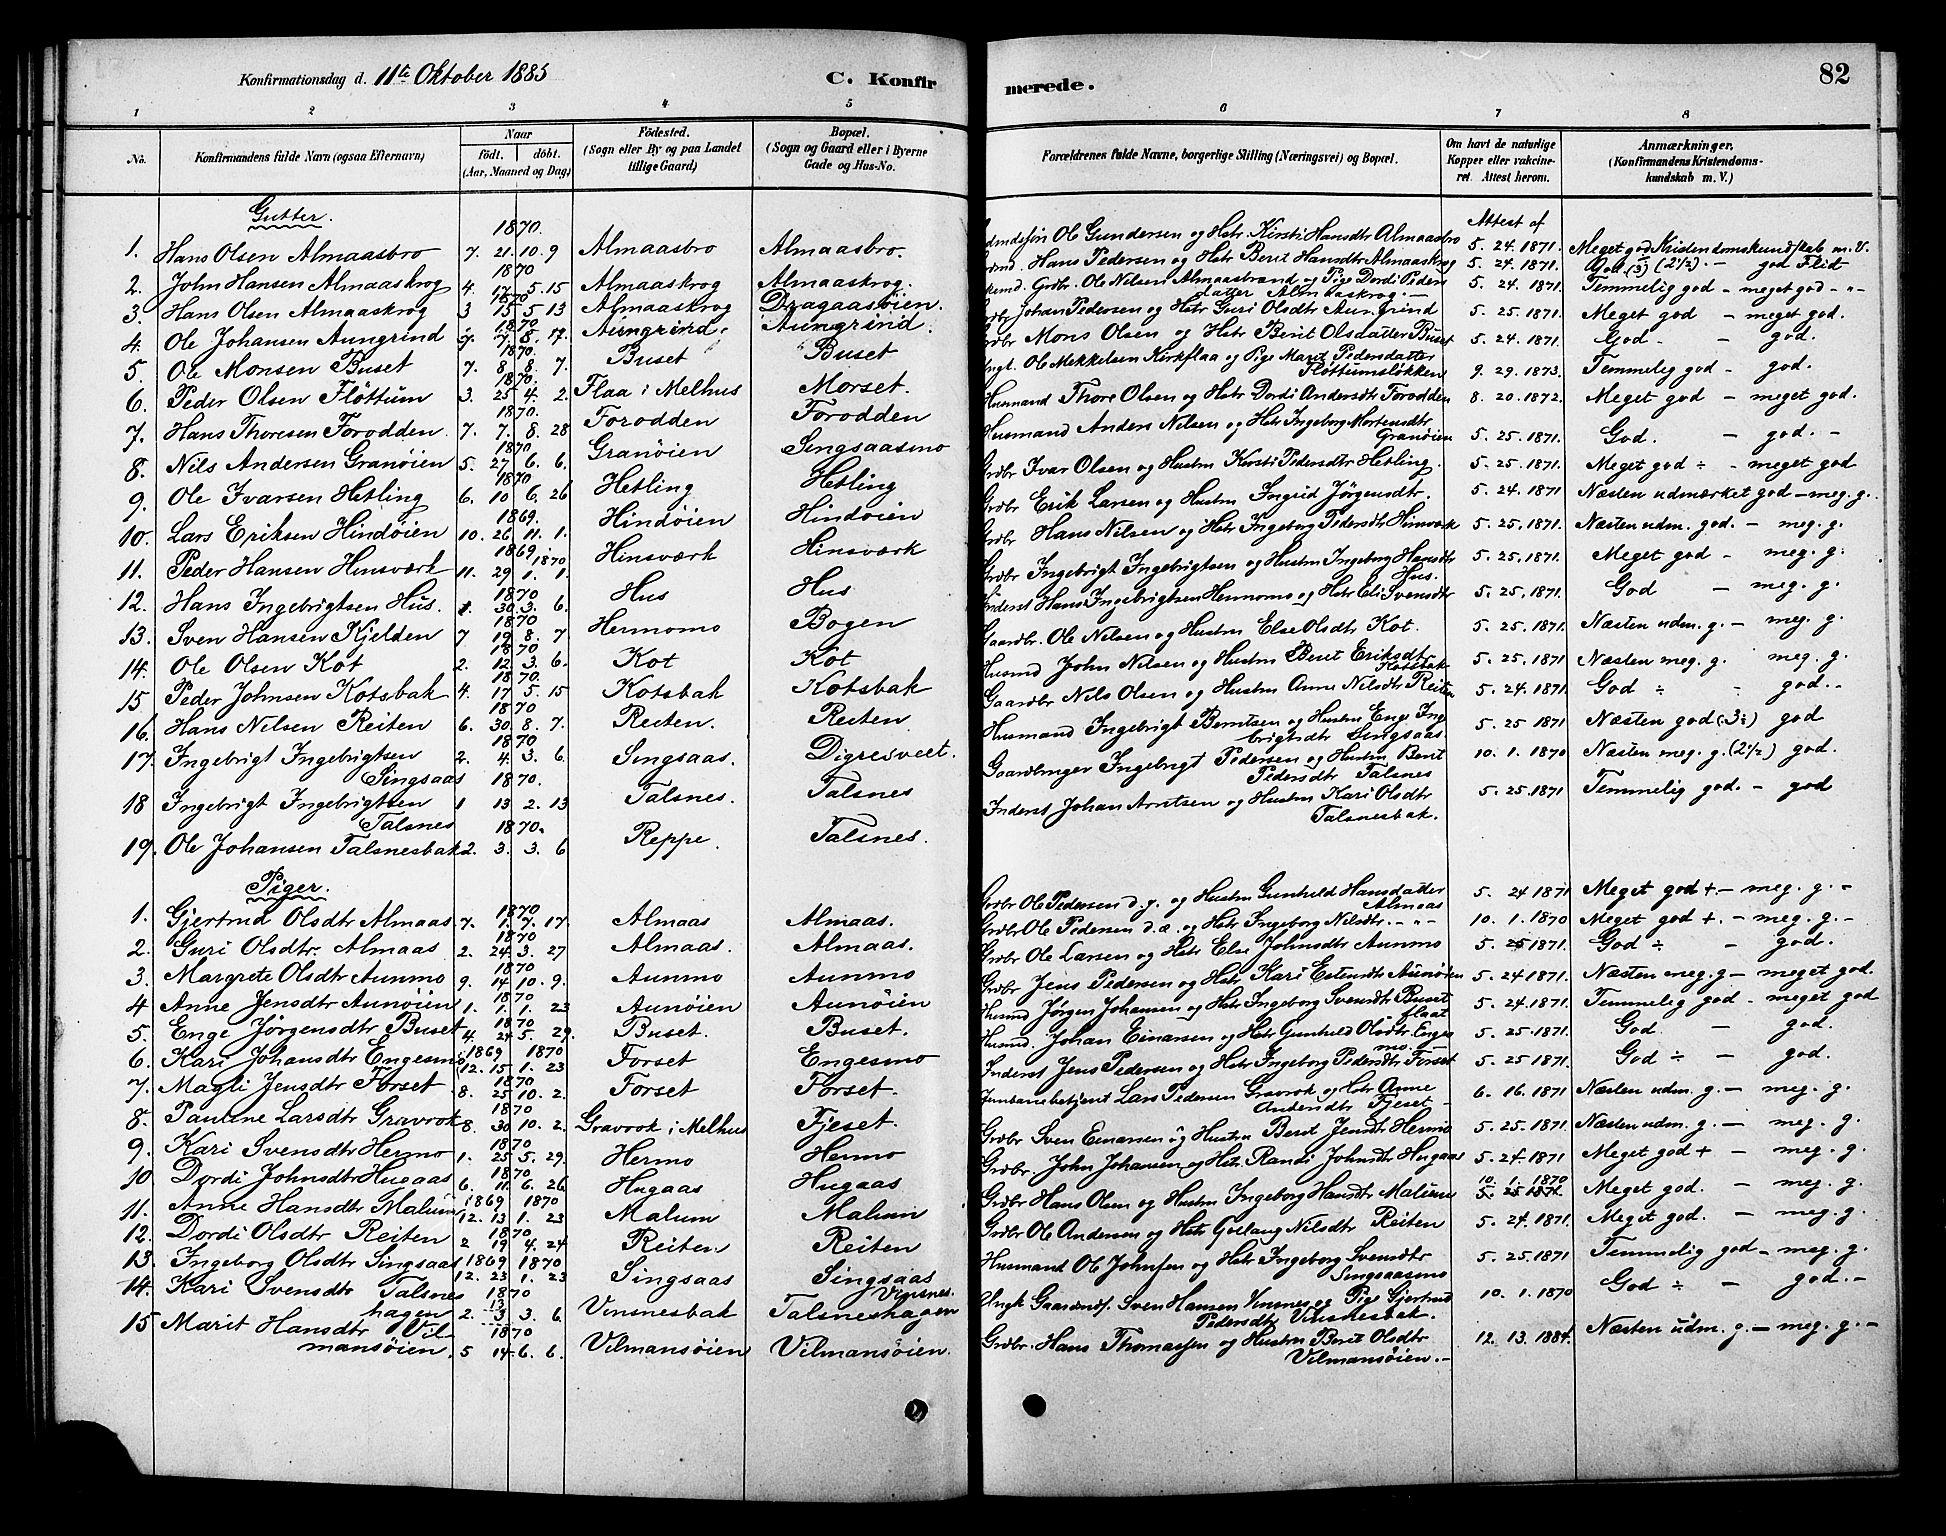 SAT, Ministerialprotokoller, klokkerbøker og fødselsregistre - Sør-Trøndelag, 688/L1024: Ministerialbok nr. 688A01, 1879-1890, s. 82